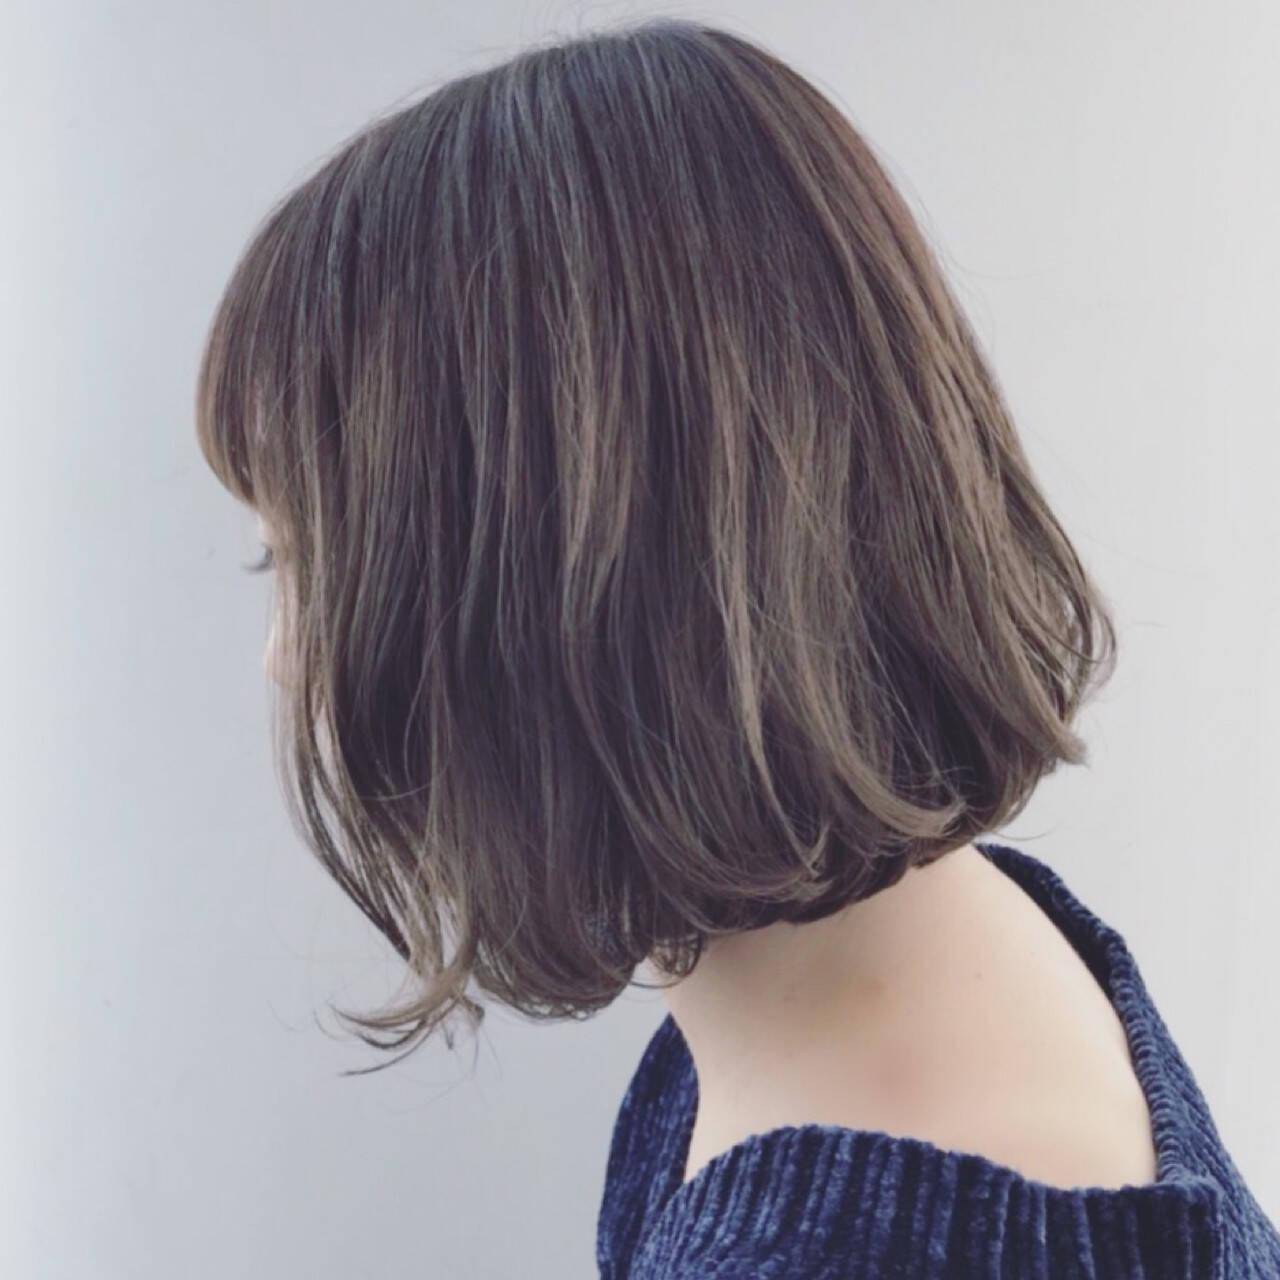 外国人風 ボブ 外国人風カラー ハイライトヘアスタイルや髪型の写真・画像